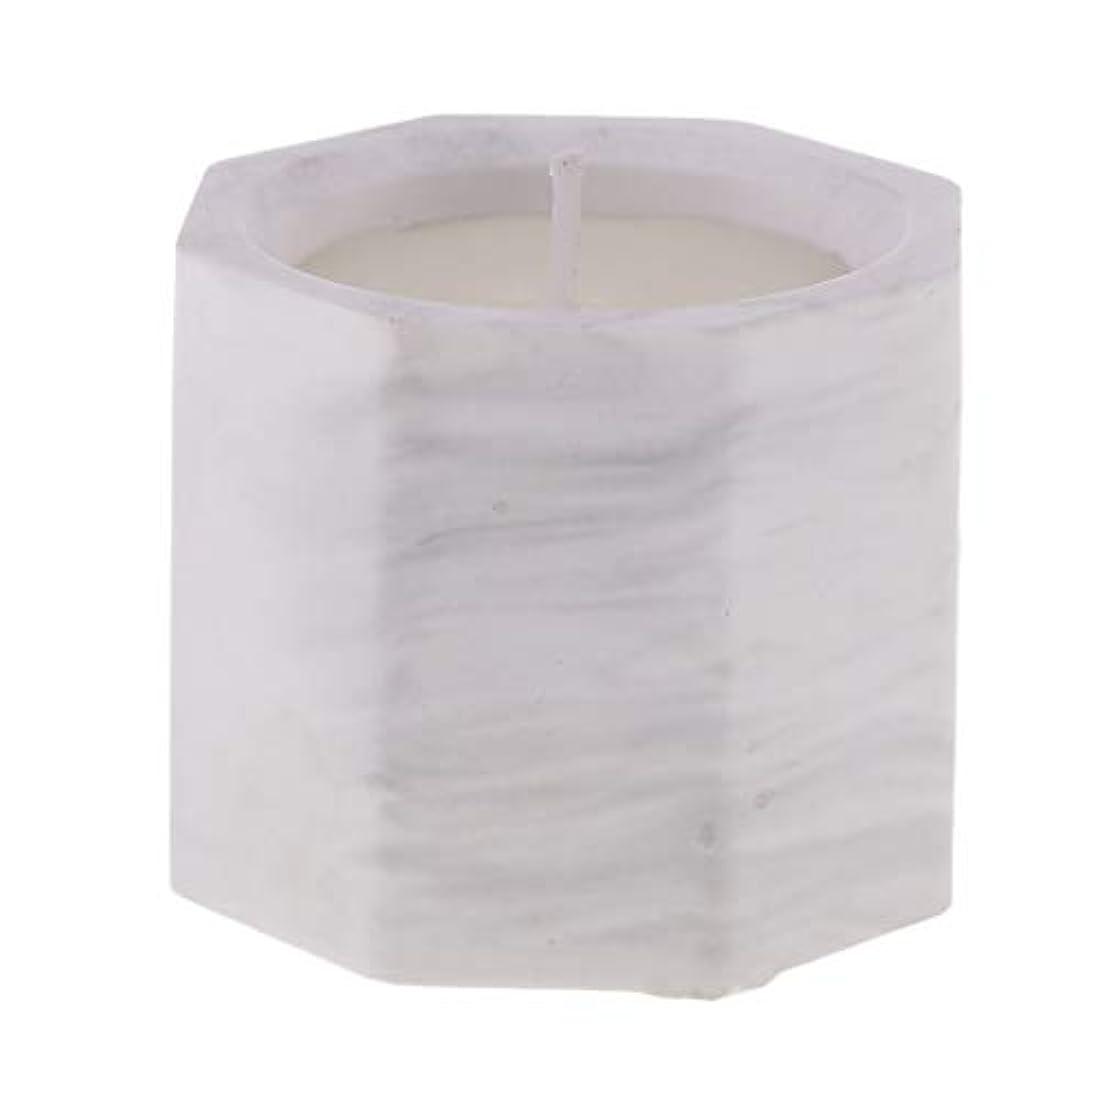 略語集める考えたD DOLITY アロマキャンドル オクタゴン形 香りキャンドル 友人用 誕生日用 家族用 約58mm